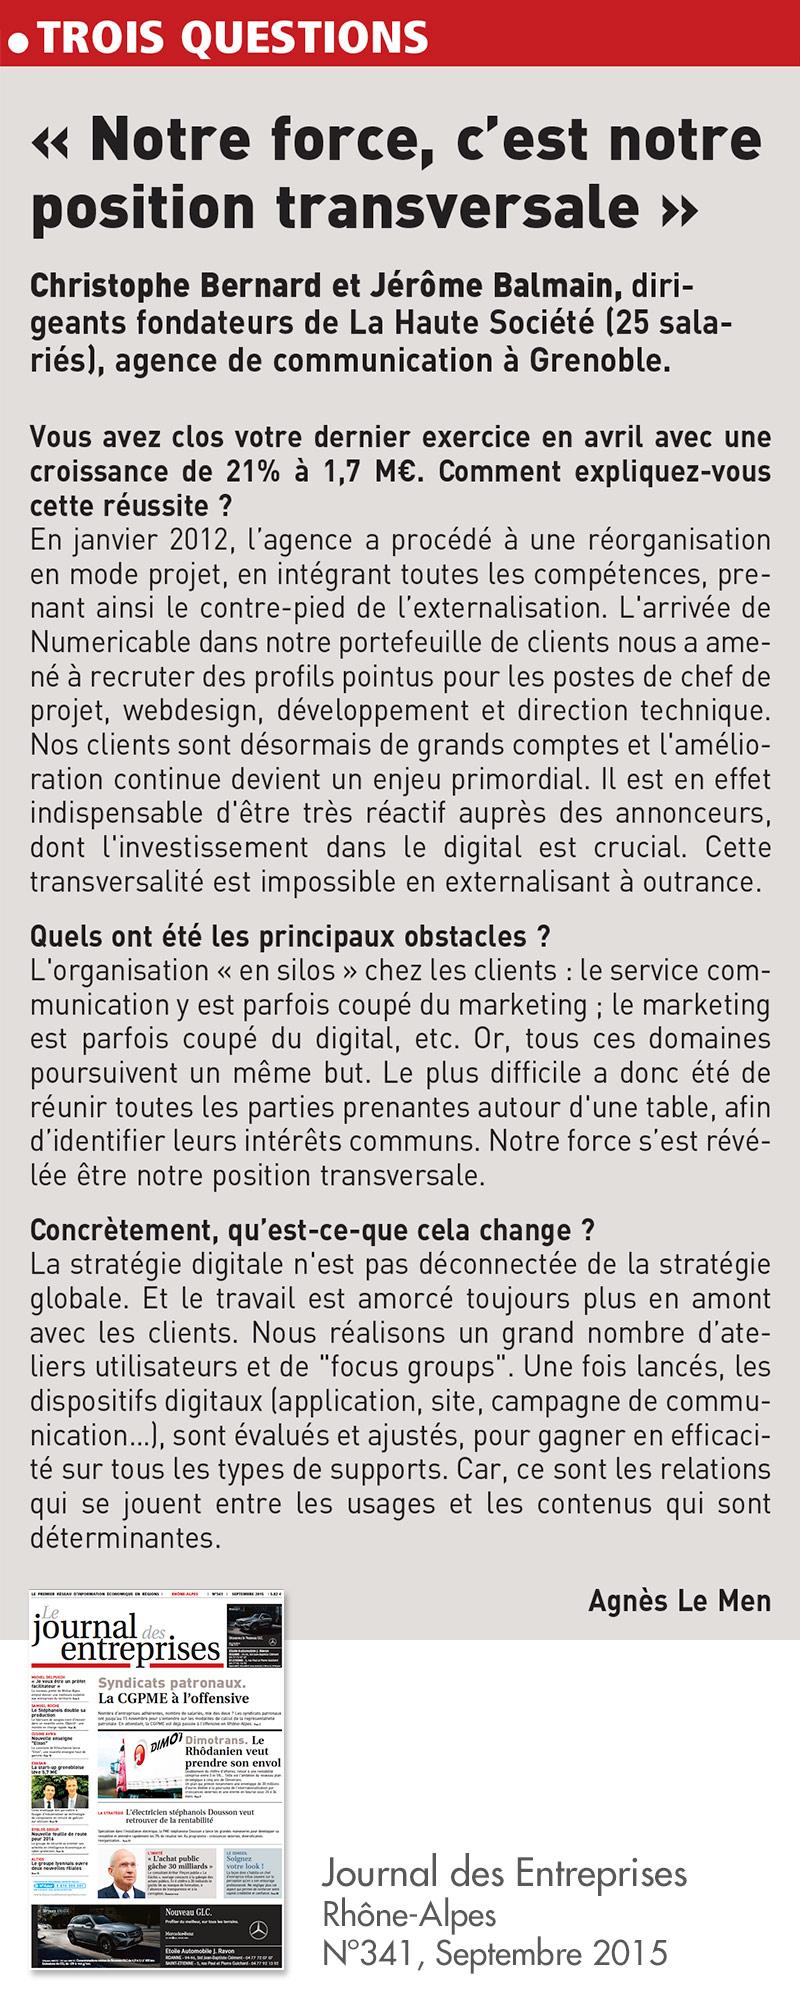 christophe bernard interview dans le journal des entreprises septembre 2015 la haute société